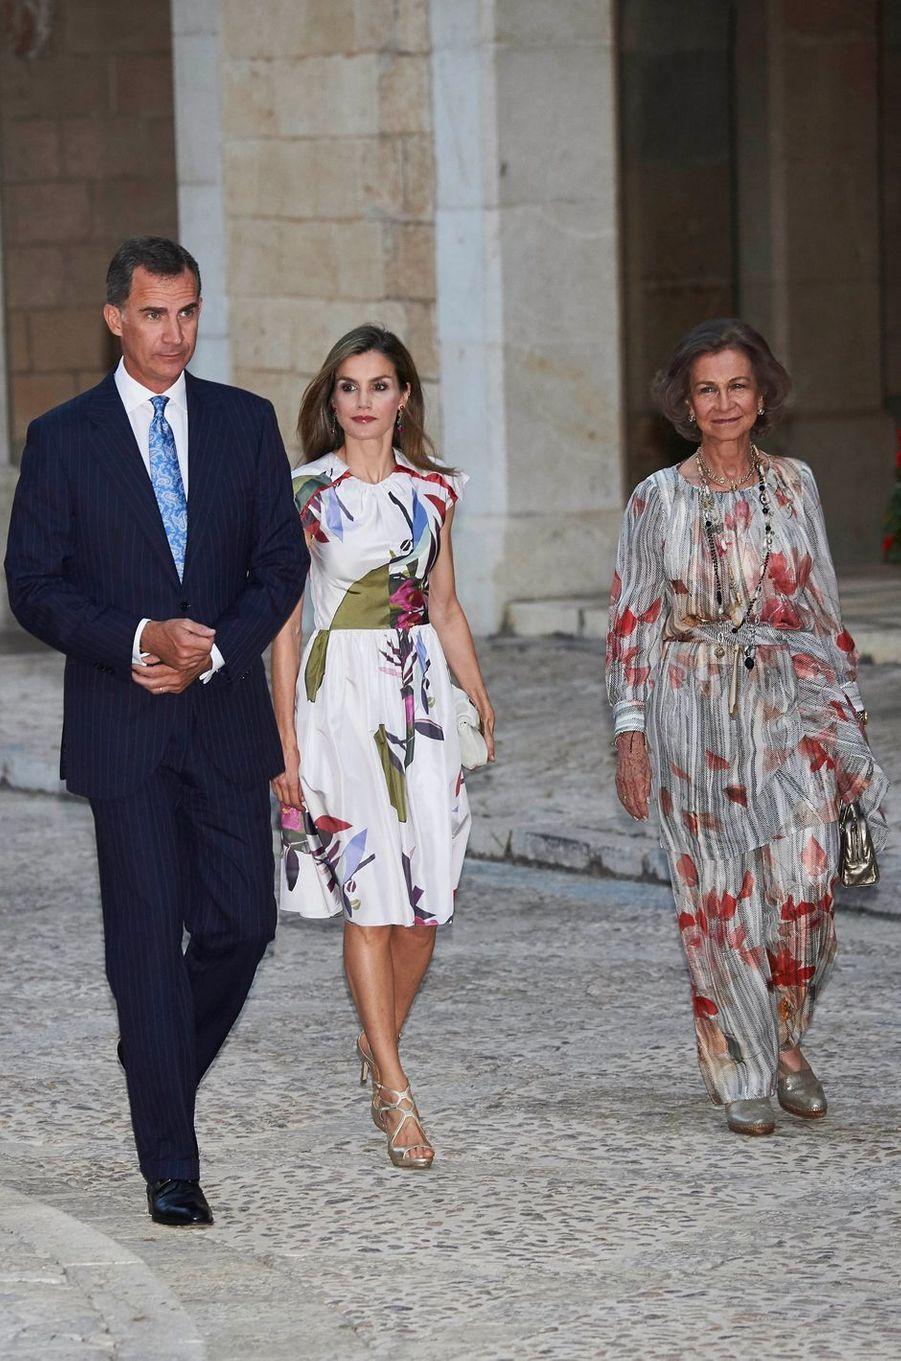 La reine Letizia et le roi Felipe VI d'Espagne avec l'ancienne reine Sofia à Palma de Majorque, le 7 août 2016